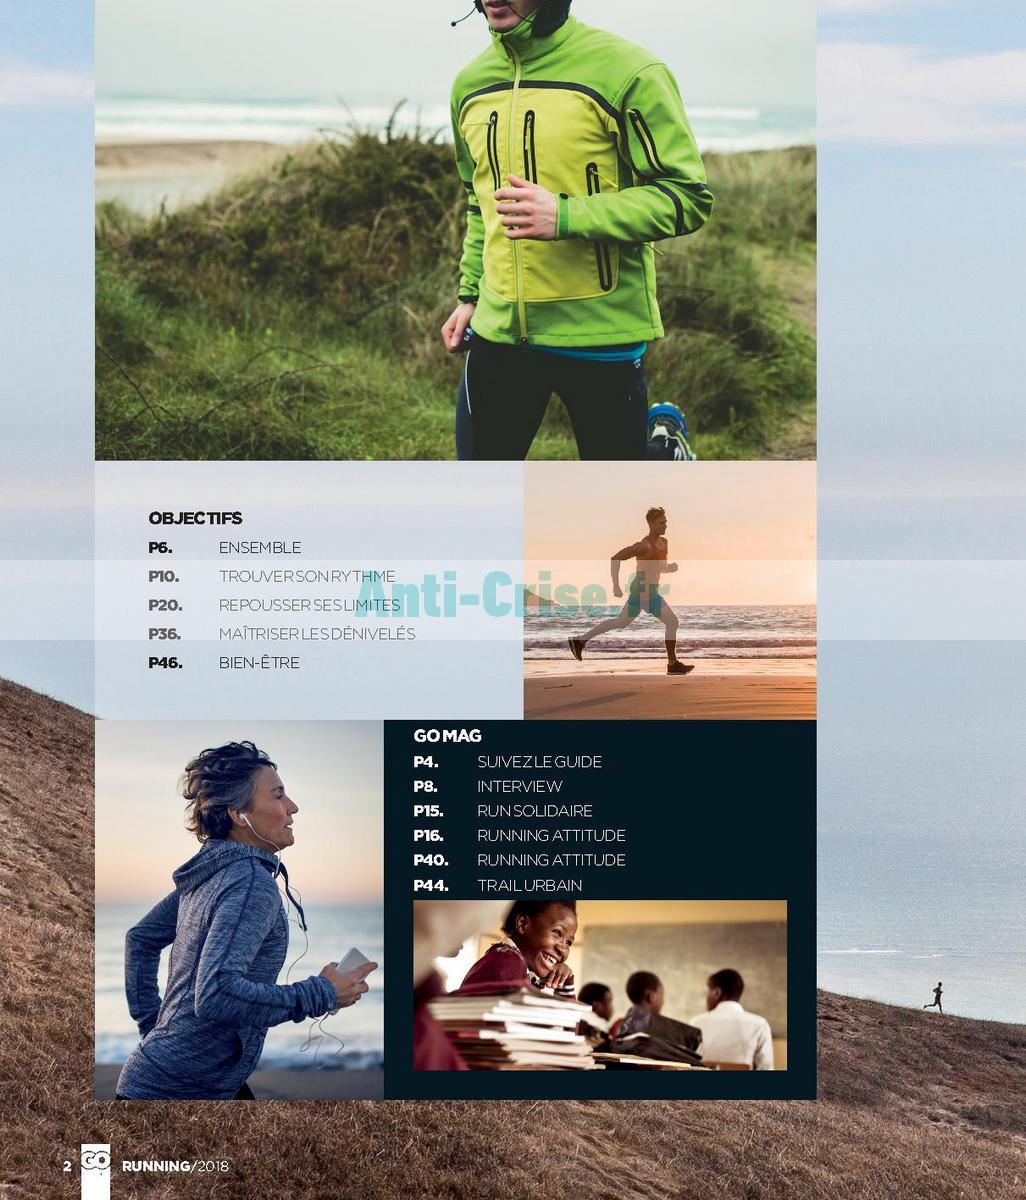 septembre2018 Catalogue Go Sport du 28 avril au 21 septembre 2018 (Running) (2)